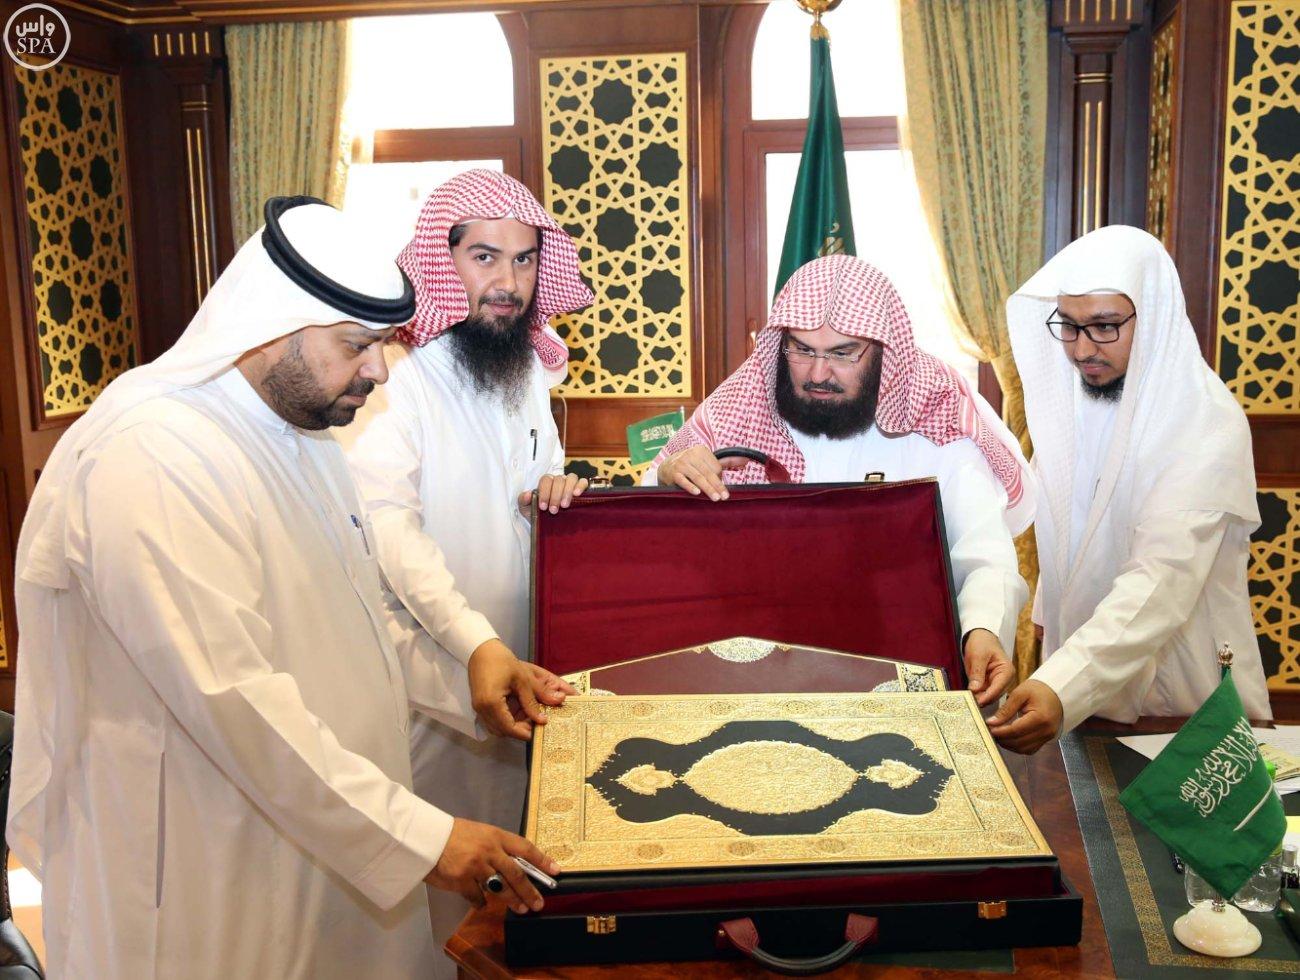 السديس نسخة نادرة من المصحف لمكتبة المسجد النبوي (2)